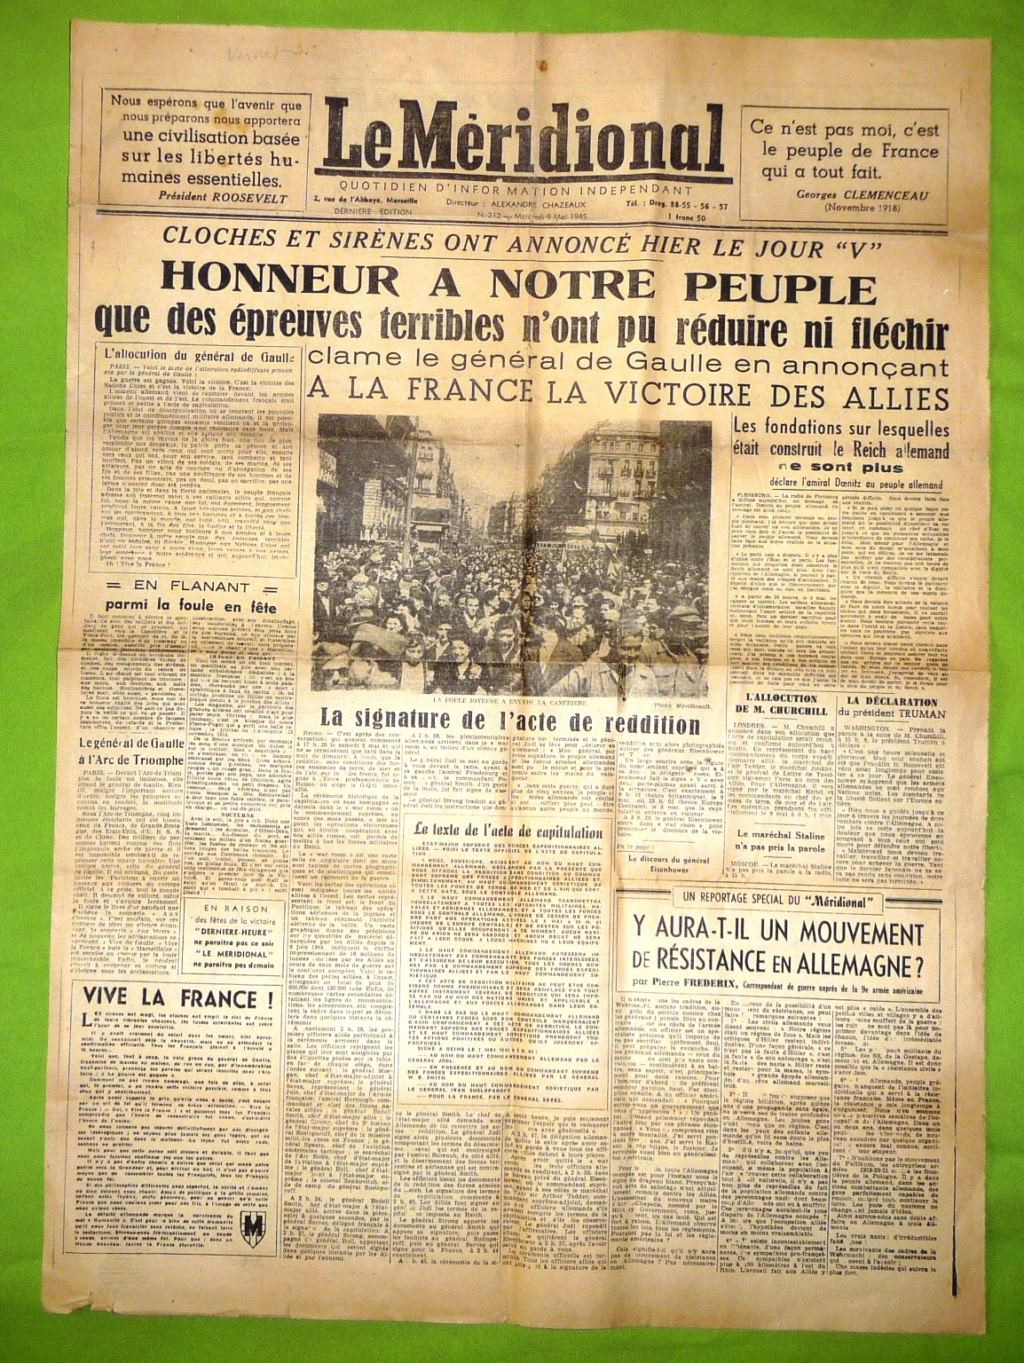 Mai-septembre 1945 : les journaux de la fin de la Seconde Guerre mondiale 9_mai_10